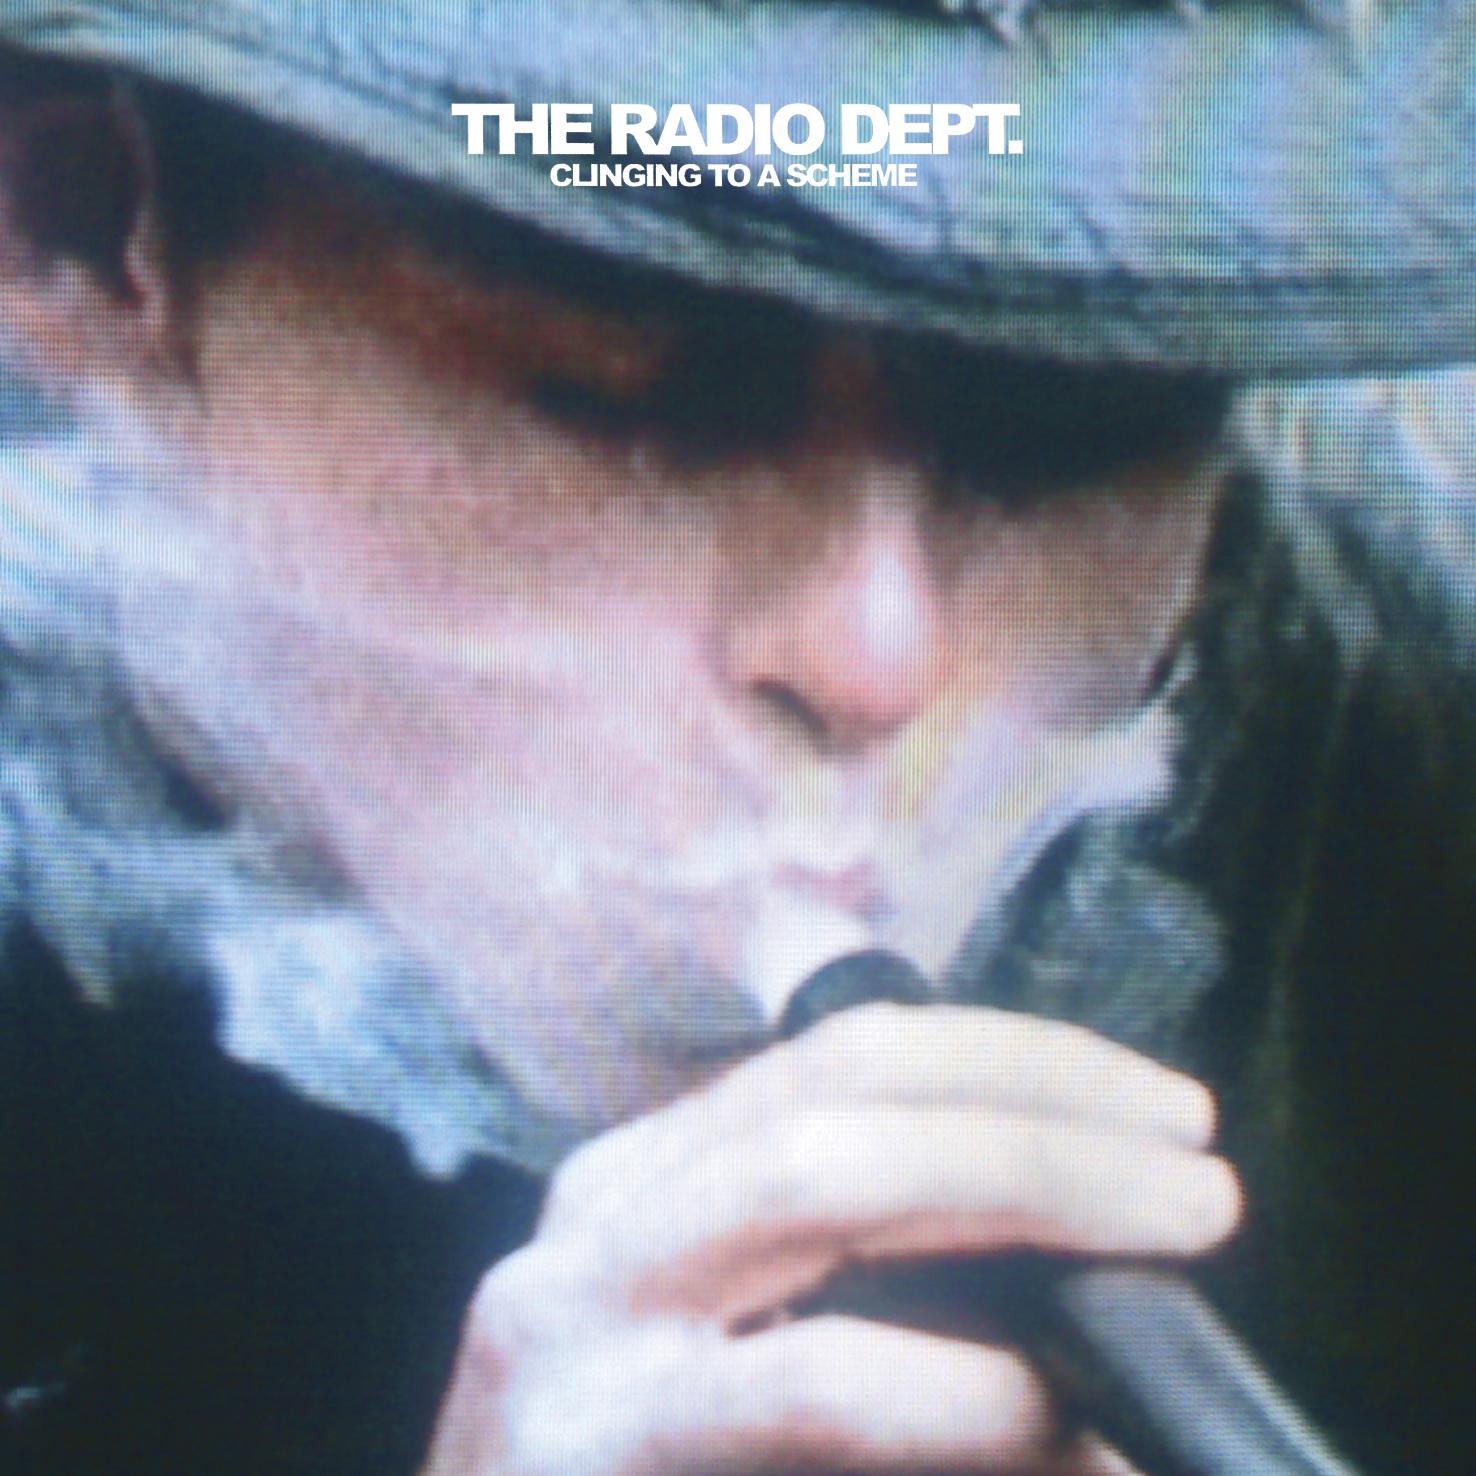 Clinging To A Scheme, nuevo disco de The Radio Dept. en marzo